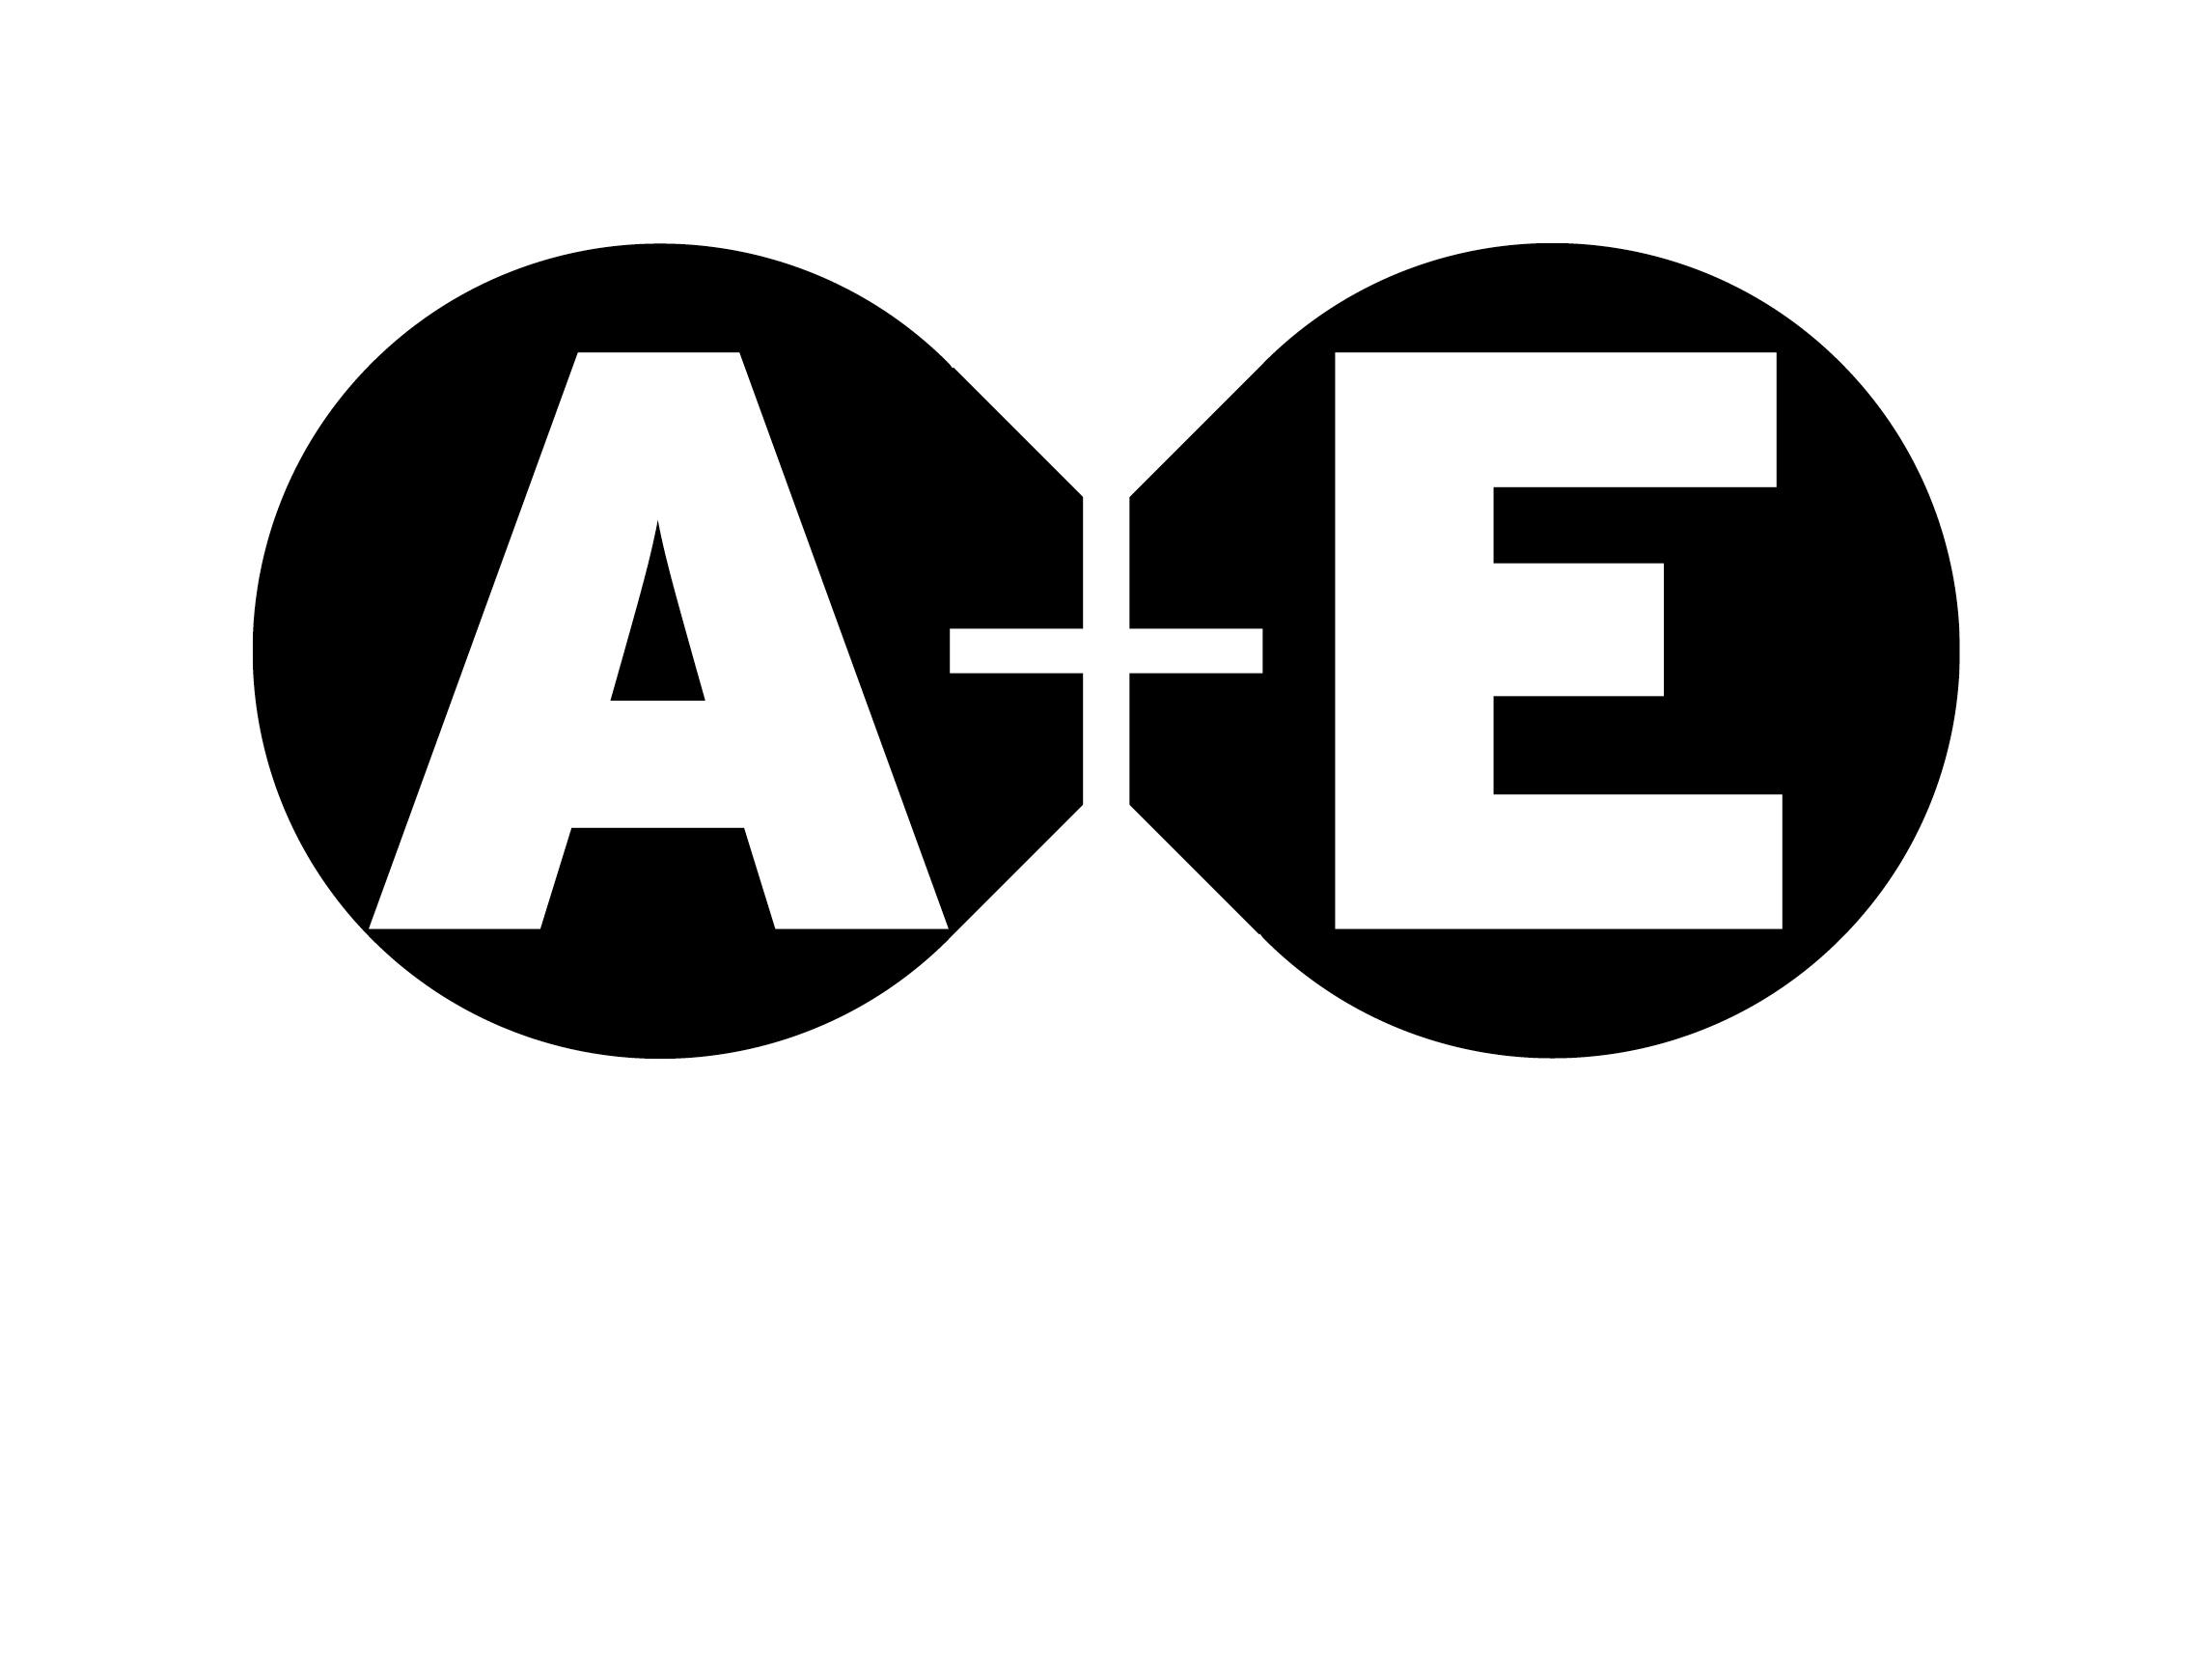 DMD_Logos_A&E_150.jpg